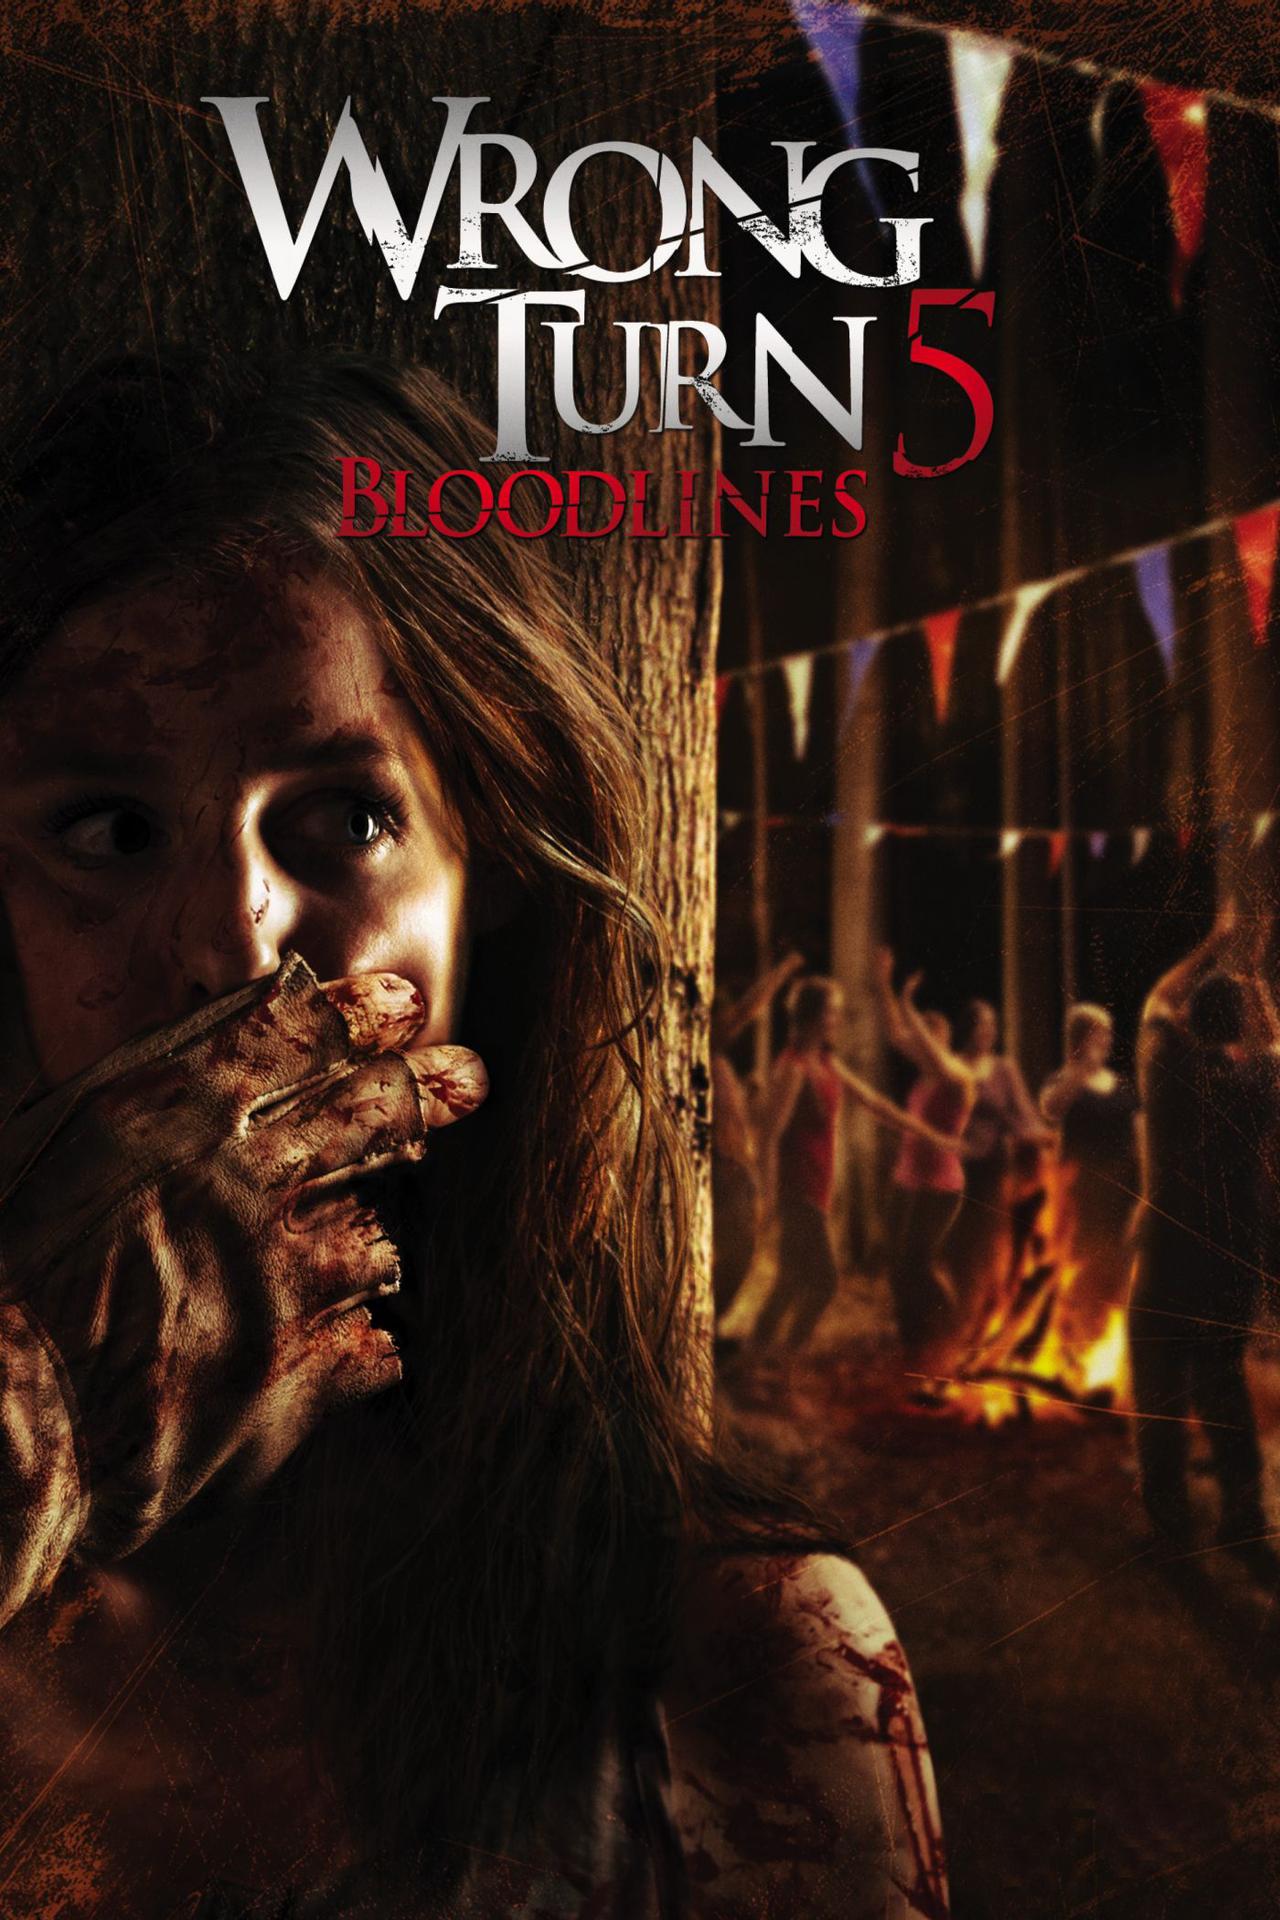 فيلم Wrong Turn 5 2012 مترجم للكبار فقط